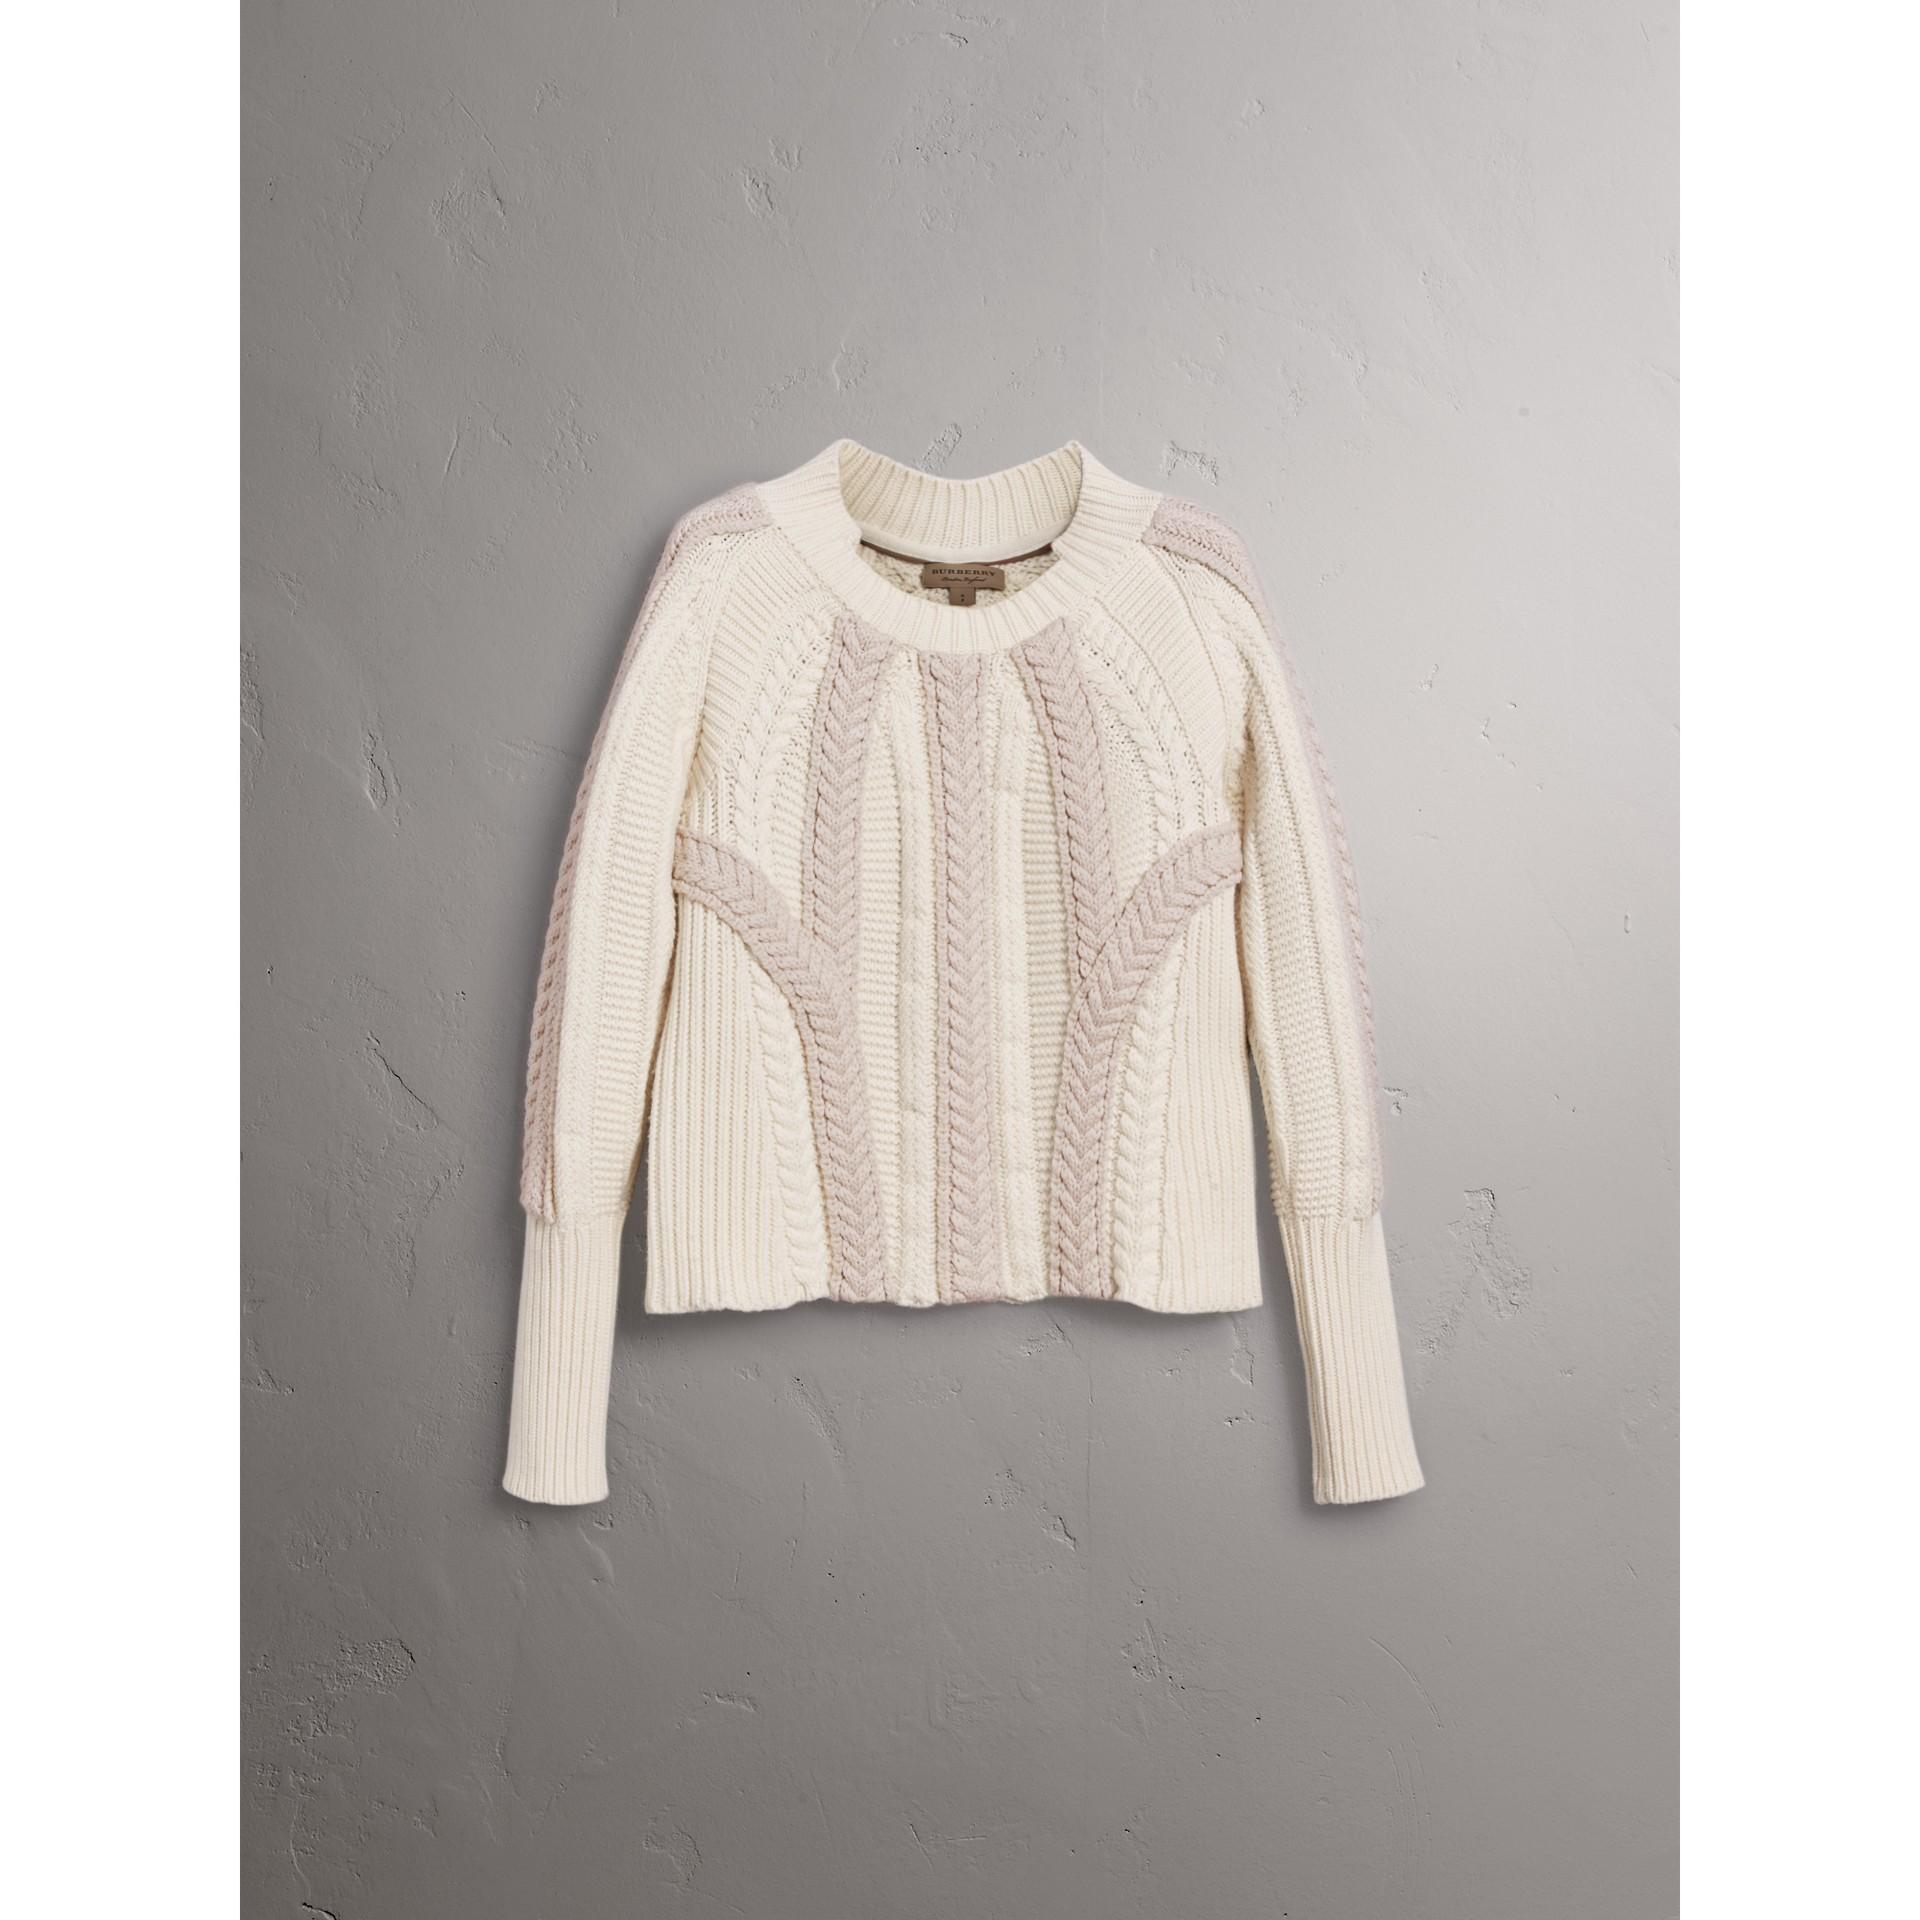 Pullover aus Wolle und Kaschmir in Zweitonoptik mit Zopfmuster (Naturweiss) - Damen | Burberry - Galerie-Bild 4